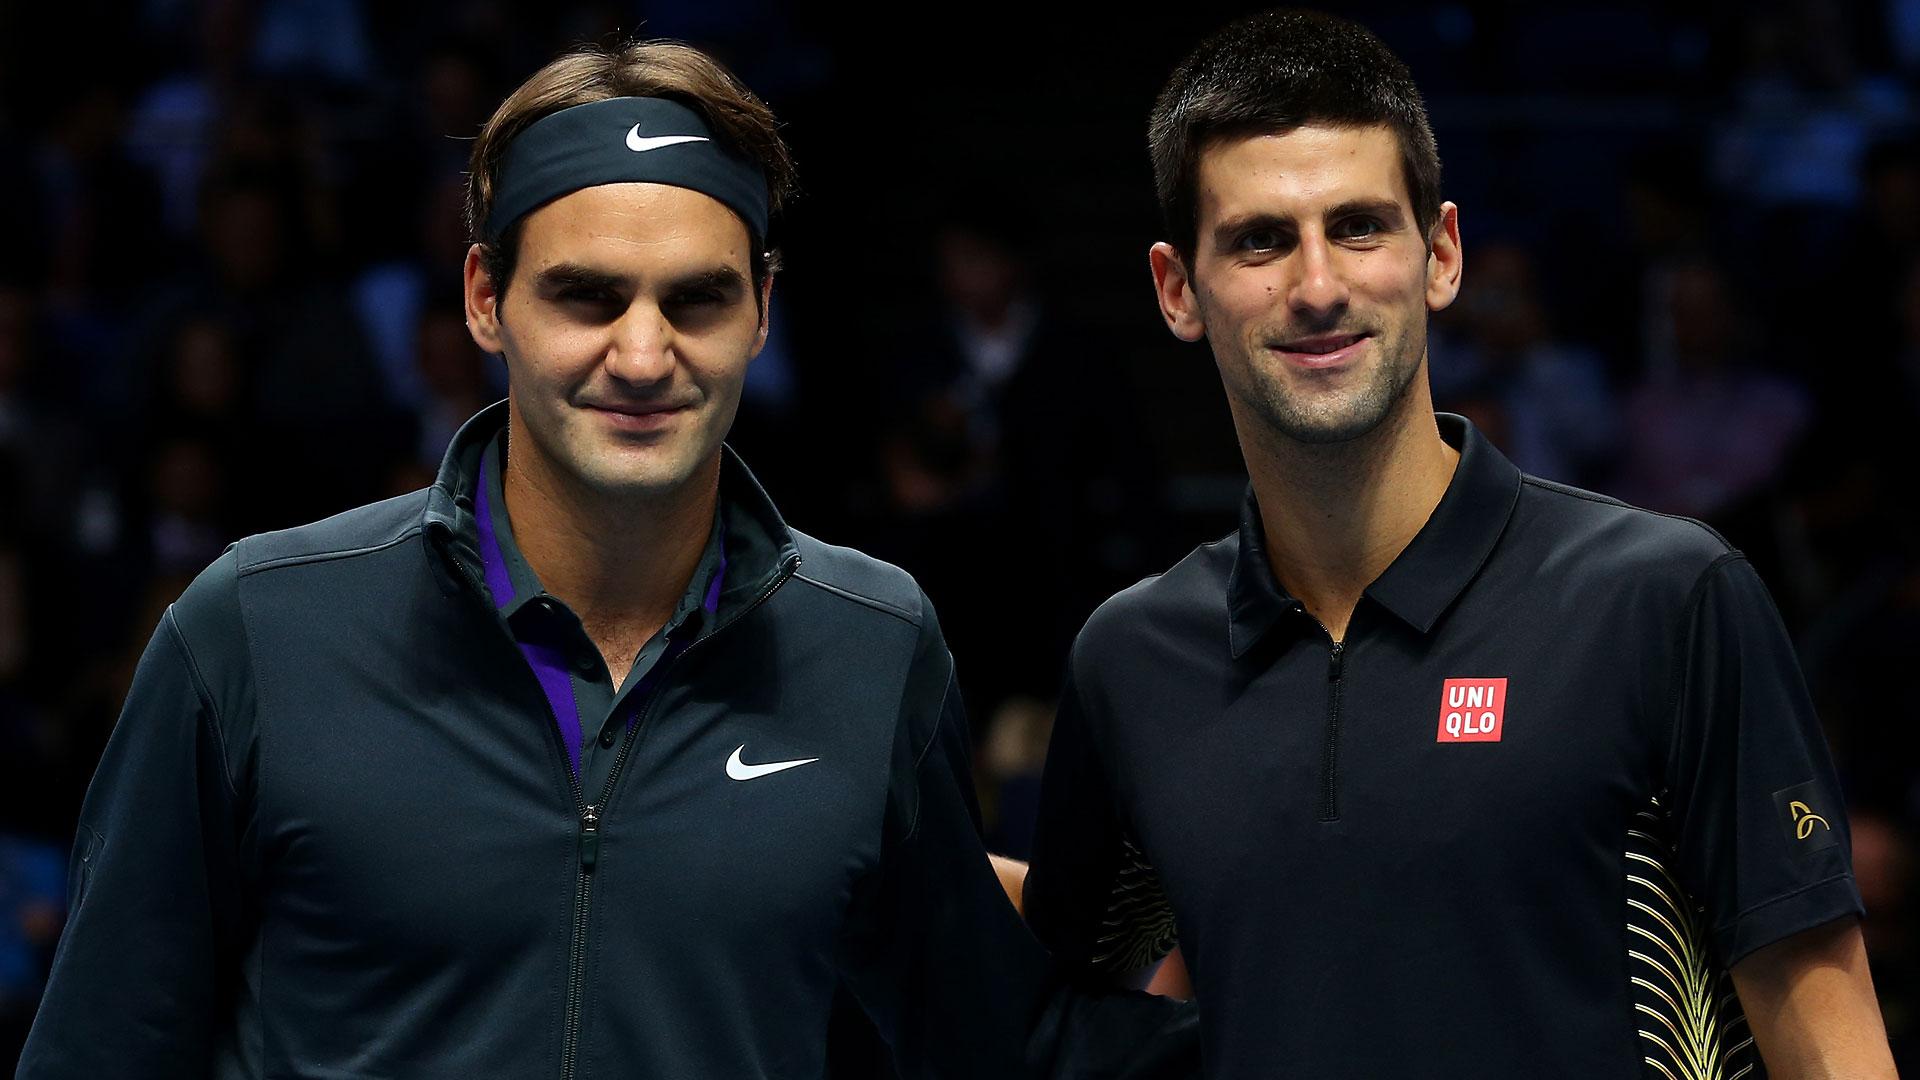 مشاهدة مباراة روجر فيدرير وديوكوفيتش بث مباشر بطولة أستراليا المفتوحة - رجال